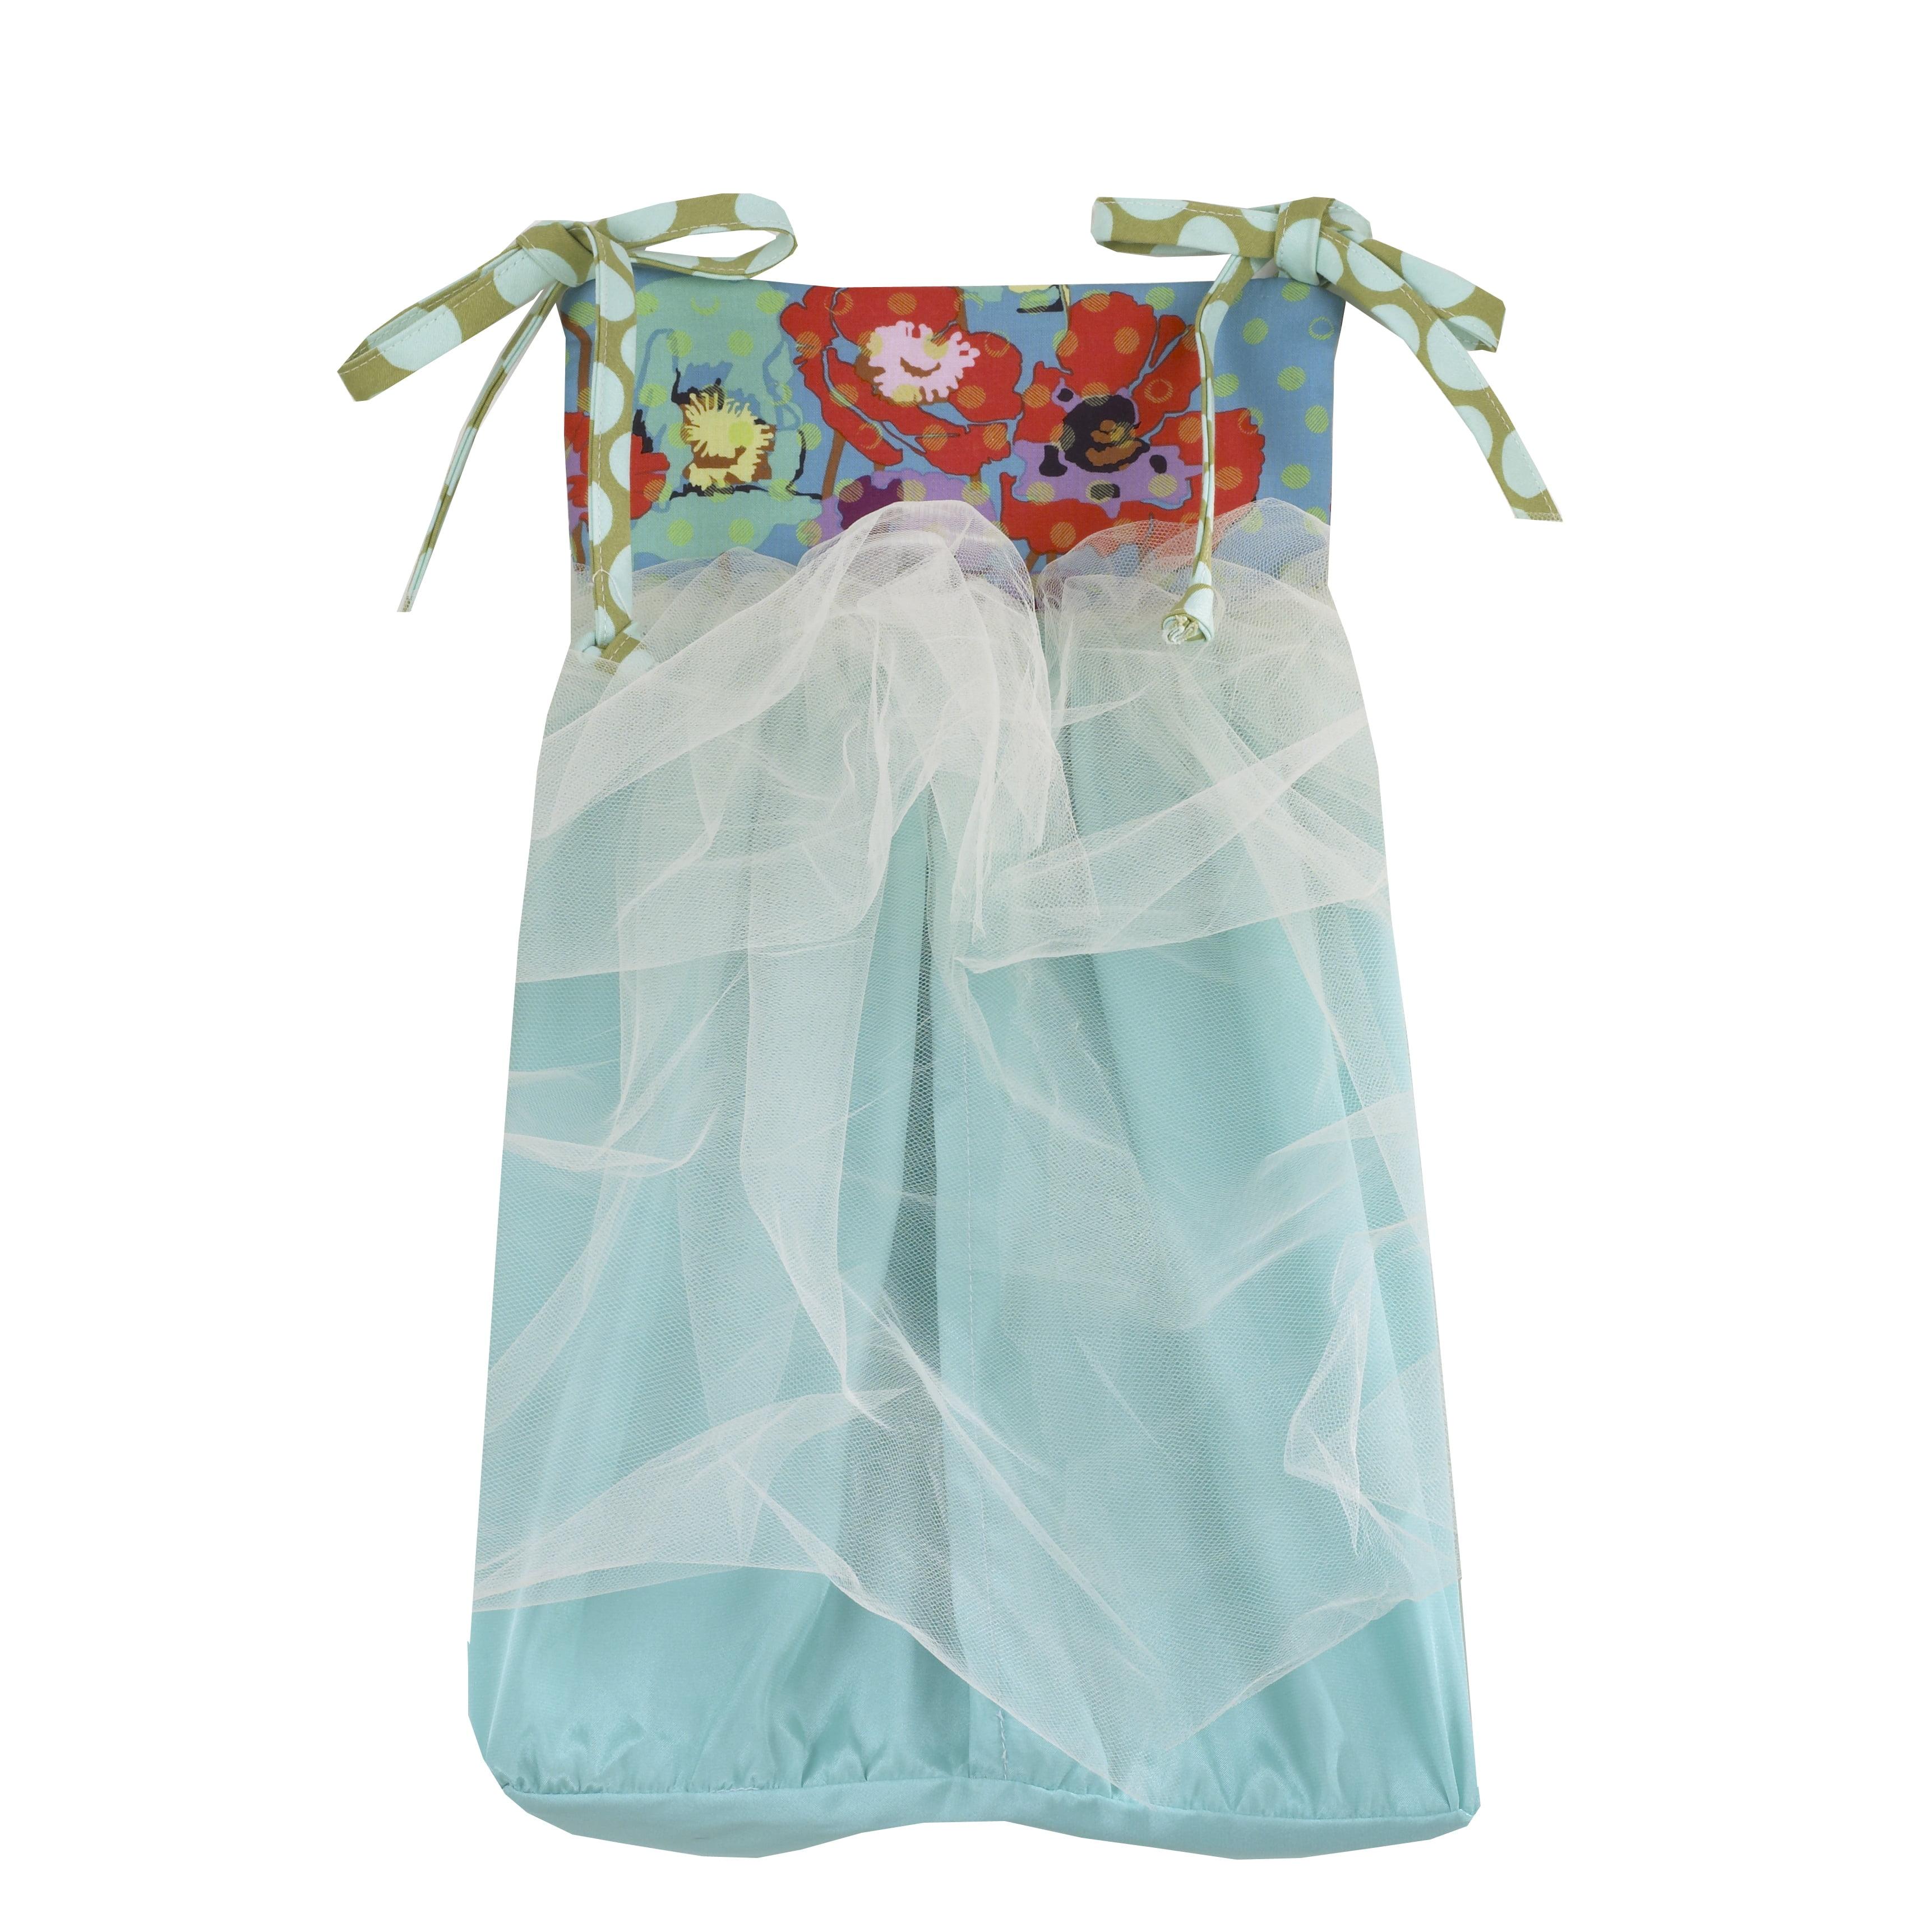 Cotton Tale Lagoon Multicolored Diaper Stacker by Cotton Tale